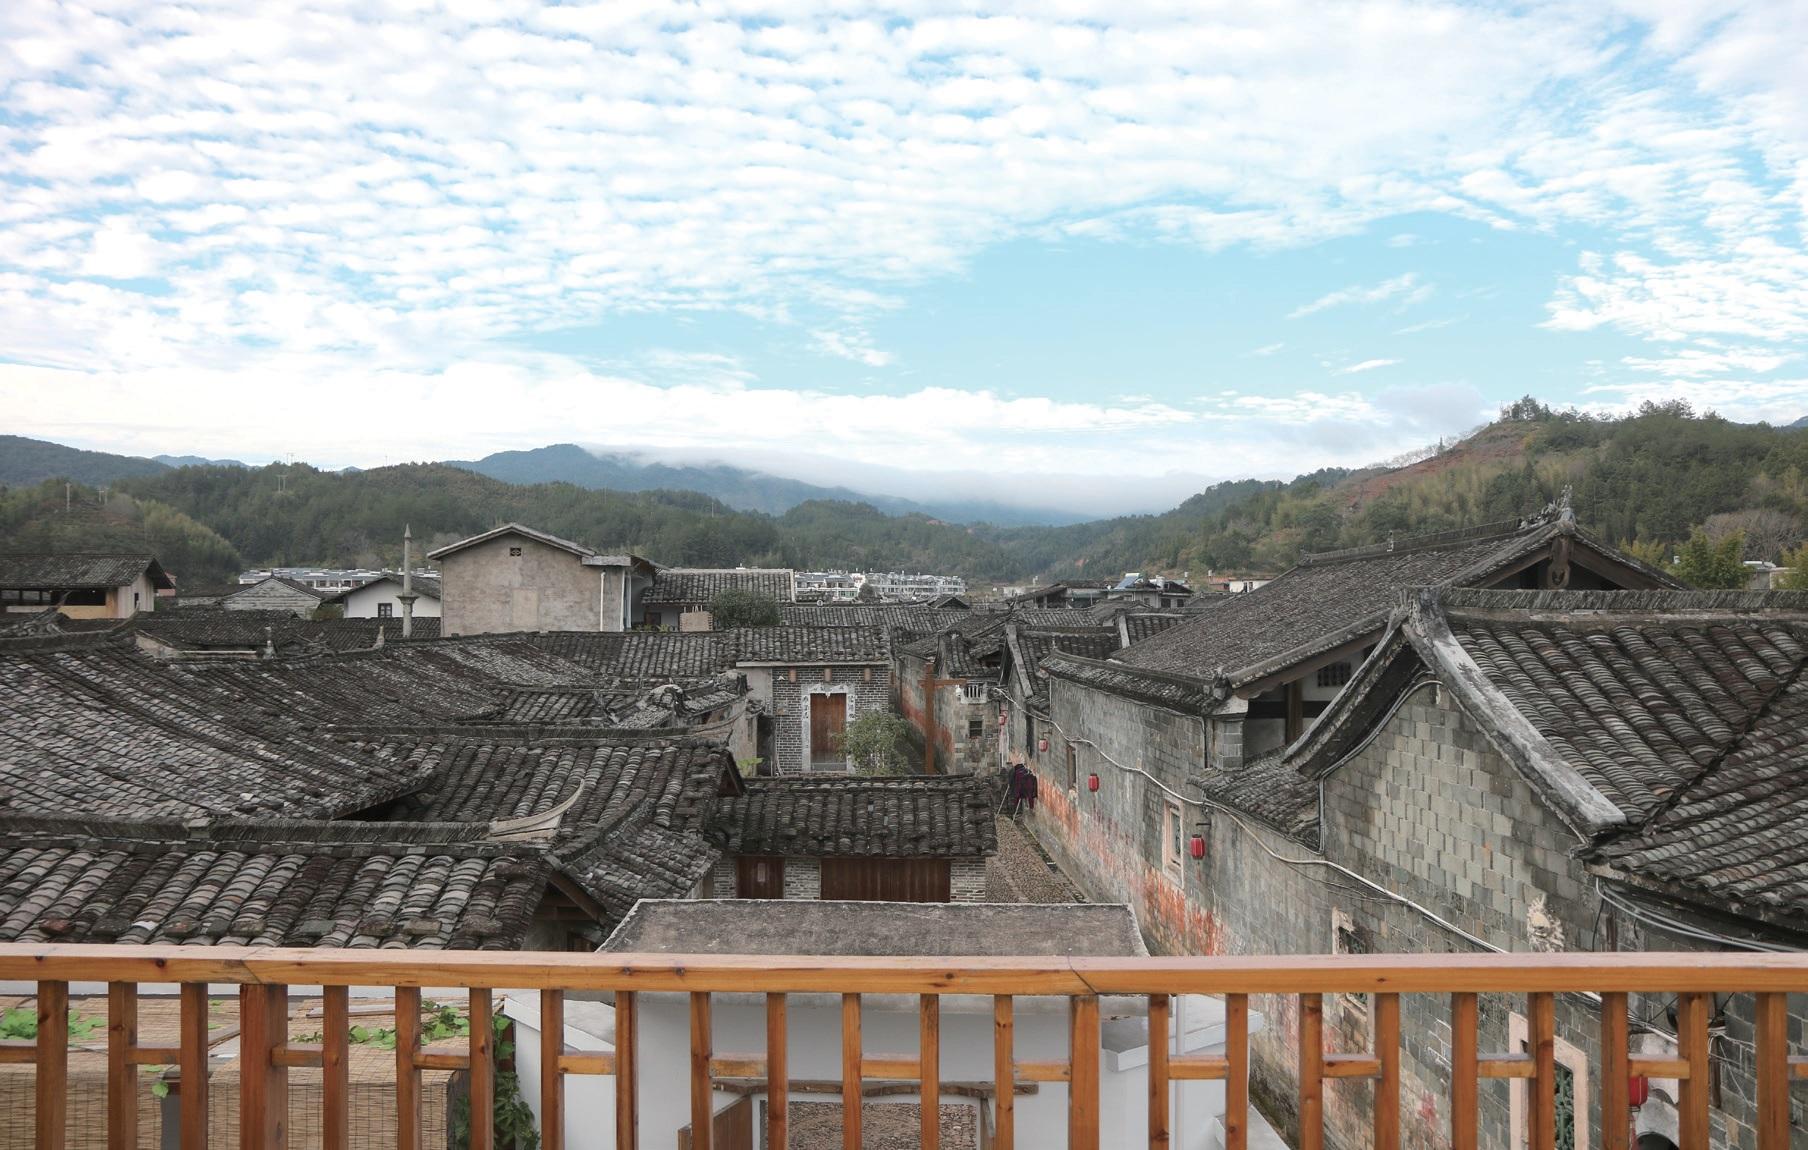 중국 푸젠성 롱옌시의 페이티엔Peitian마을. 800년 된 객가마을로 다양한 역사문화 자원을 보유하고 있다. 푸젠성 신향촌건설운동의 프로젝트 기지로 다양한 교육 및 체험사업, 마을 축제 복원의 현장이 되었다. ⓒ대산농촌재단